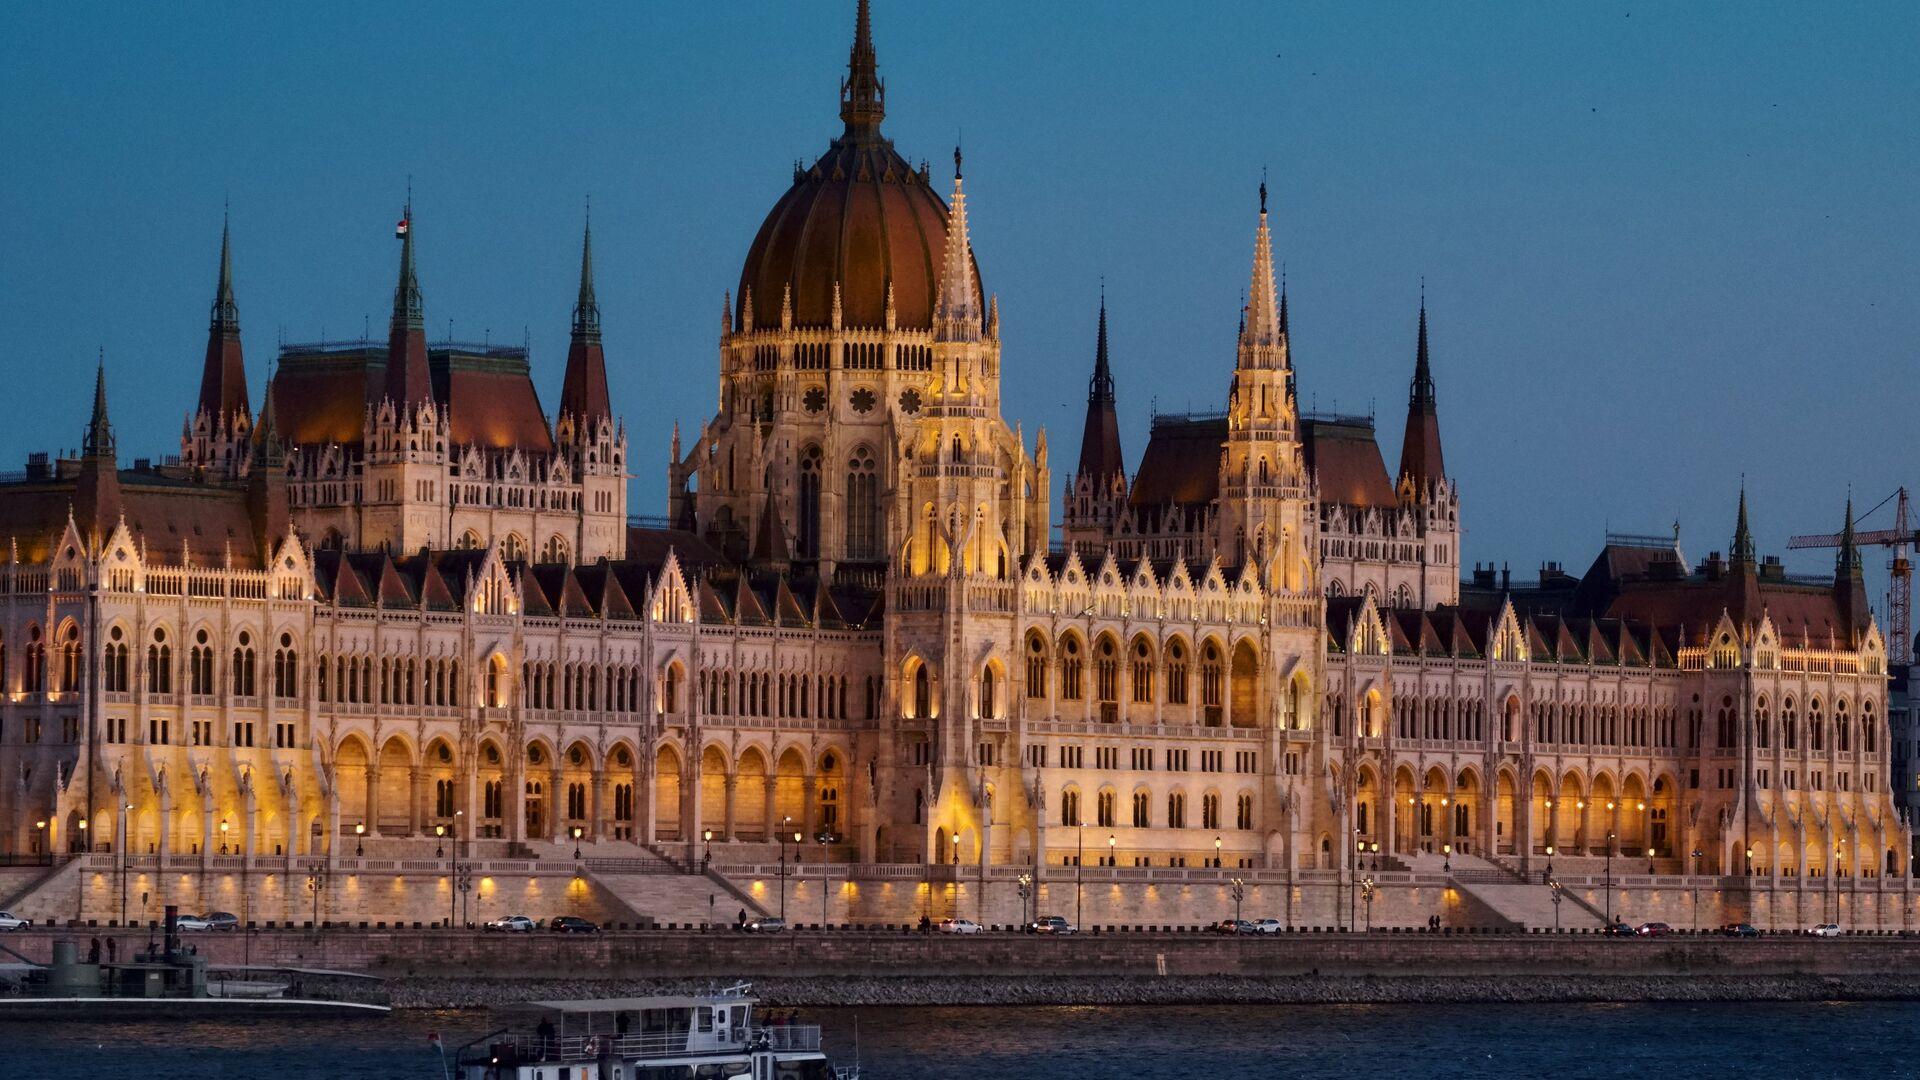 Здание венгерского парламента на берегу Дуная в Будапеште - РИА Новости, 1920, 04.06.2019